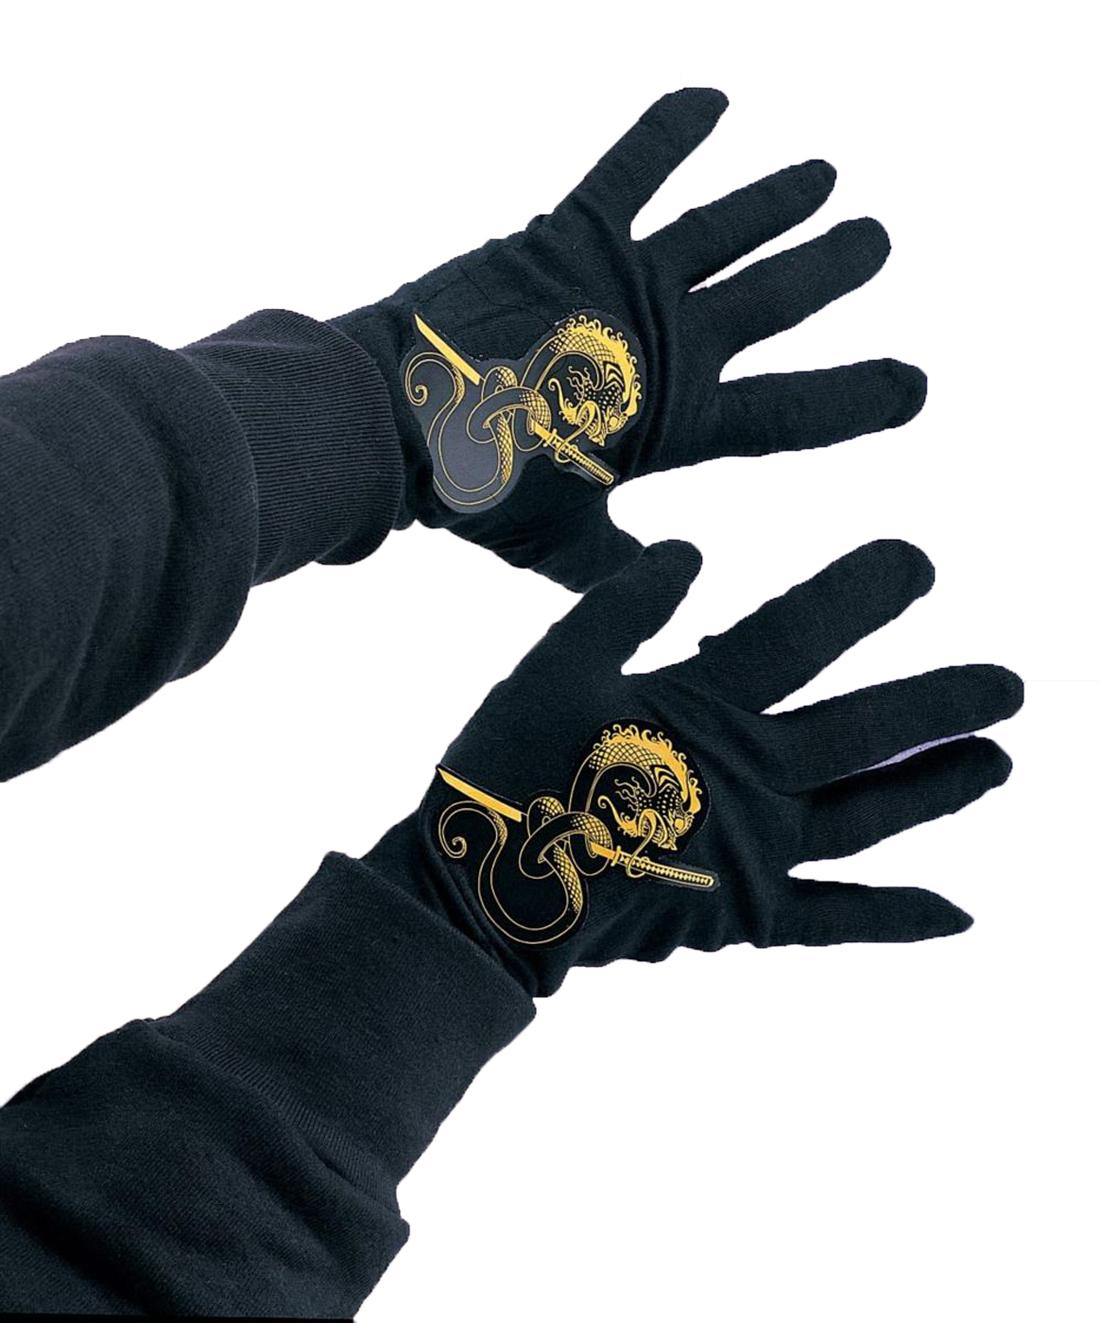 alta qualità buona consistenza 100% di alta qualità Nero Dragon Bambini Guerriero Ninja Accessorio Costume Guanti | eBay